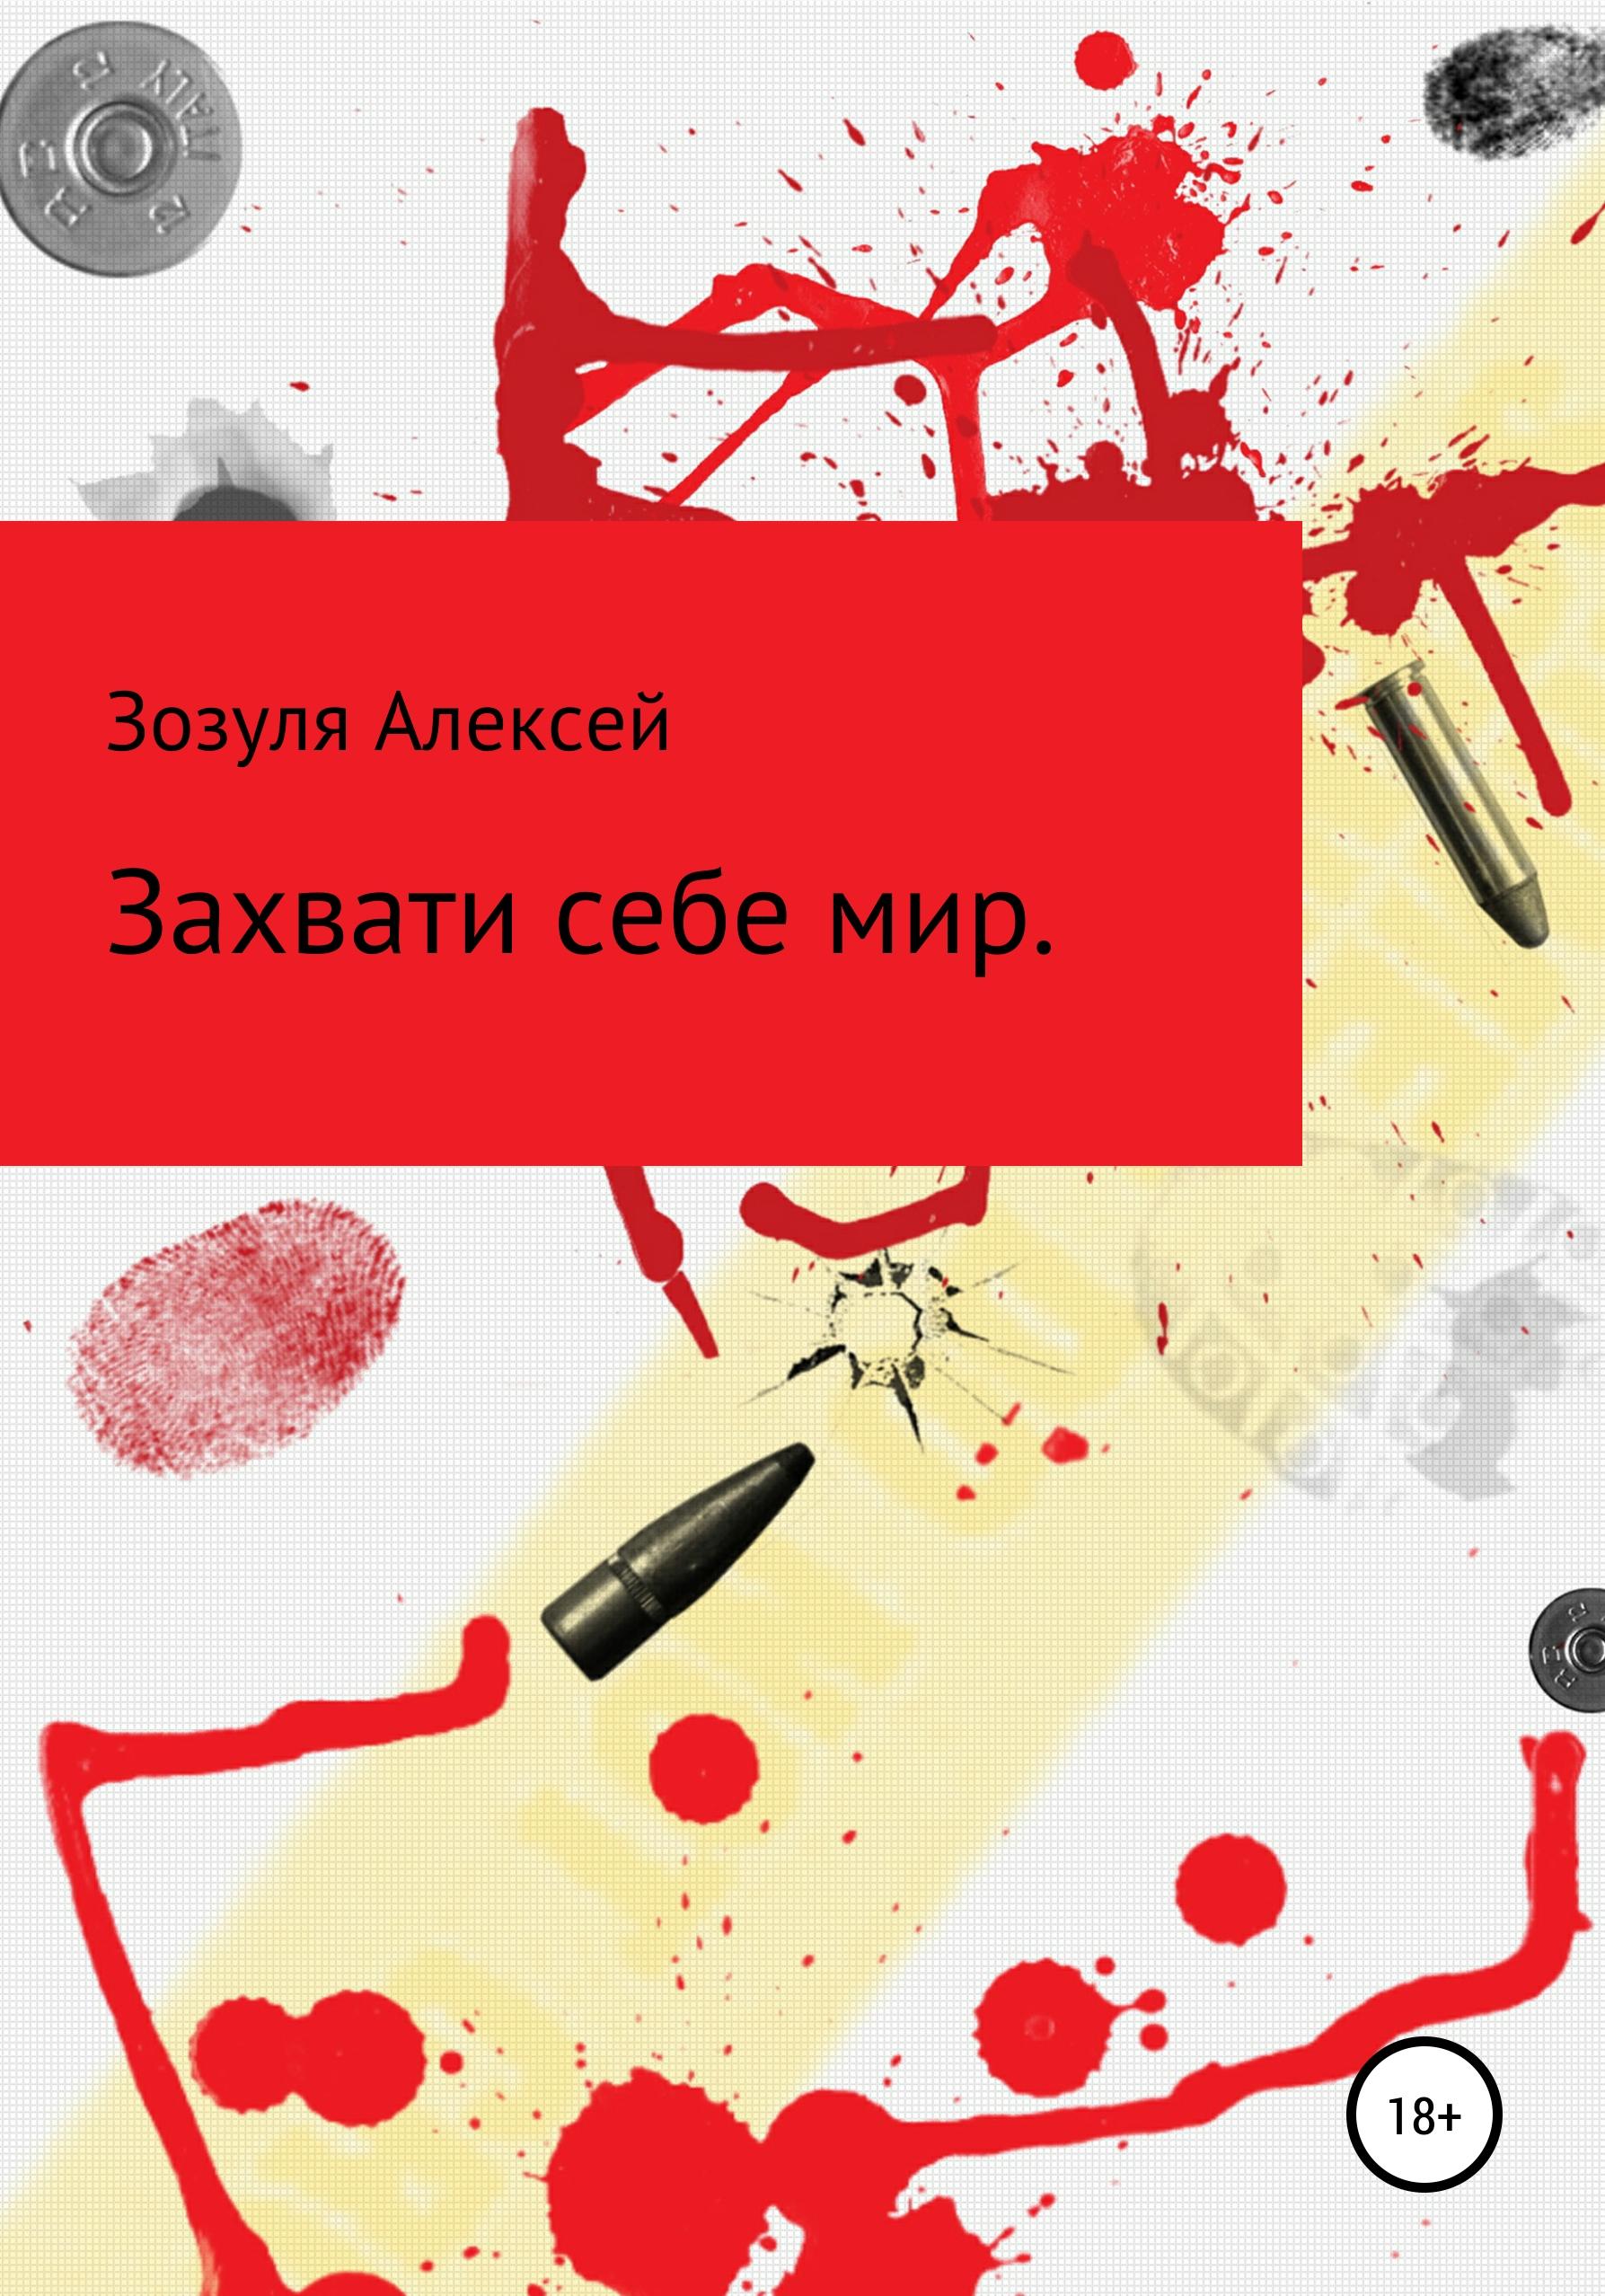 Алексей Юрьевич Зозуля Захвати себе мир белый алексей теперь меня видно